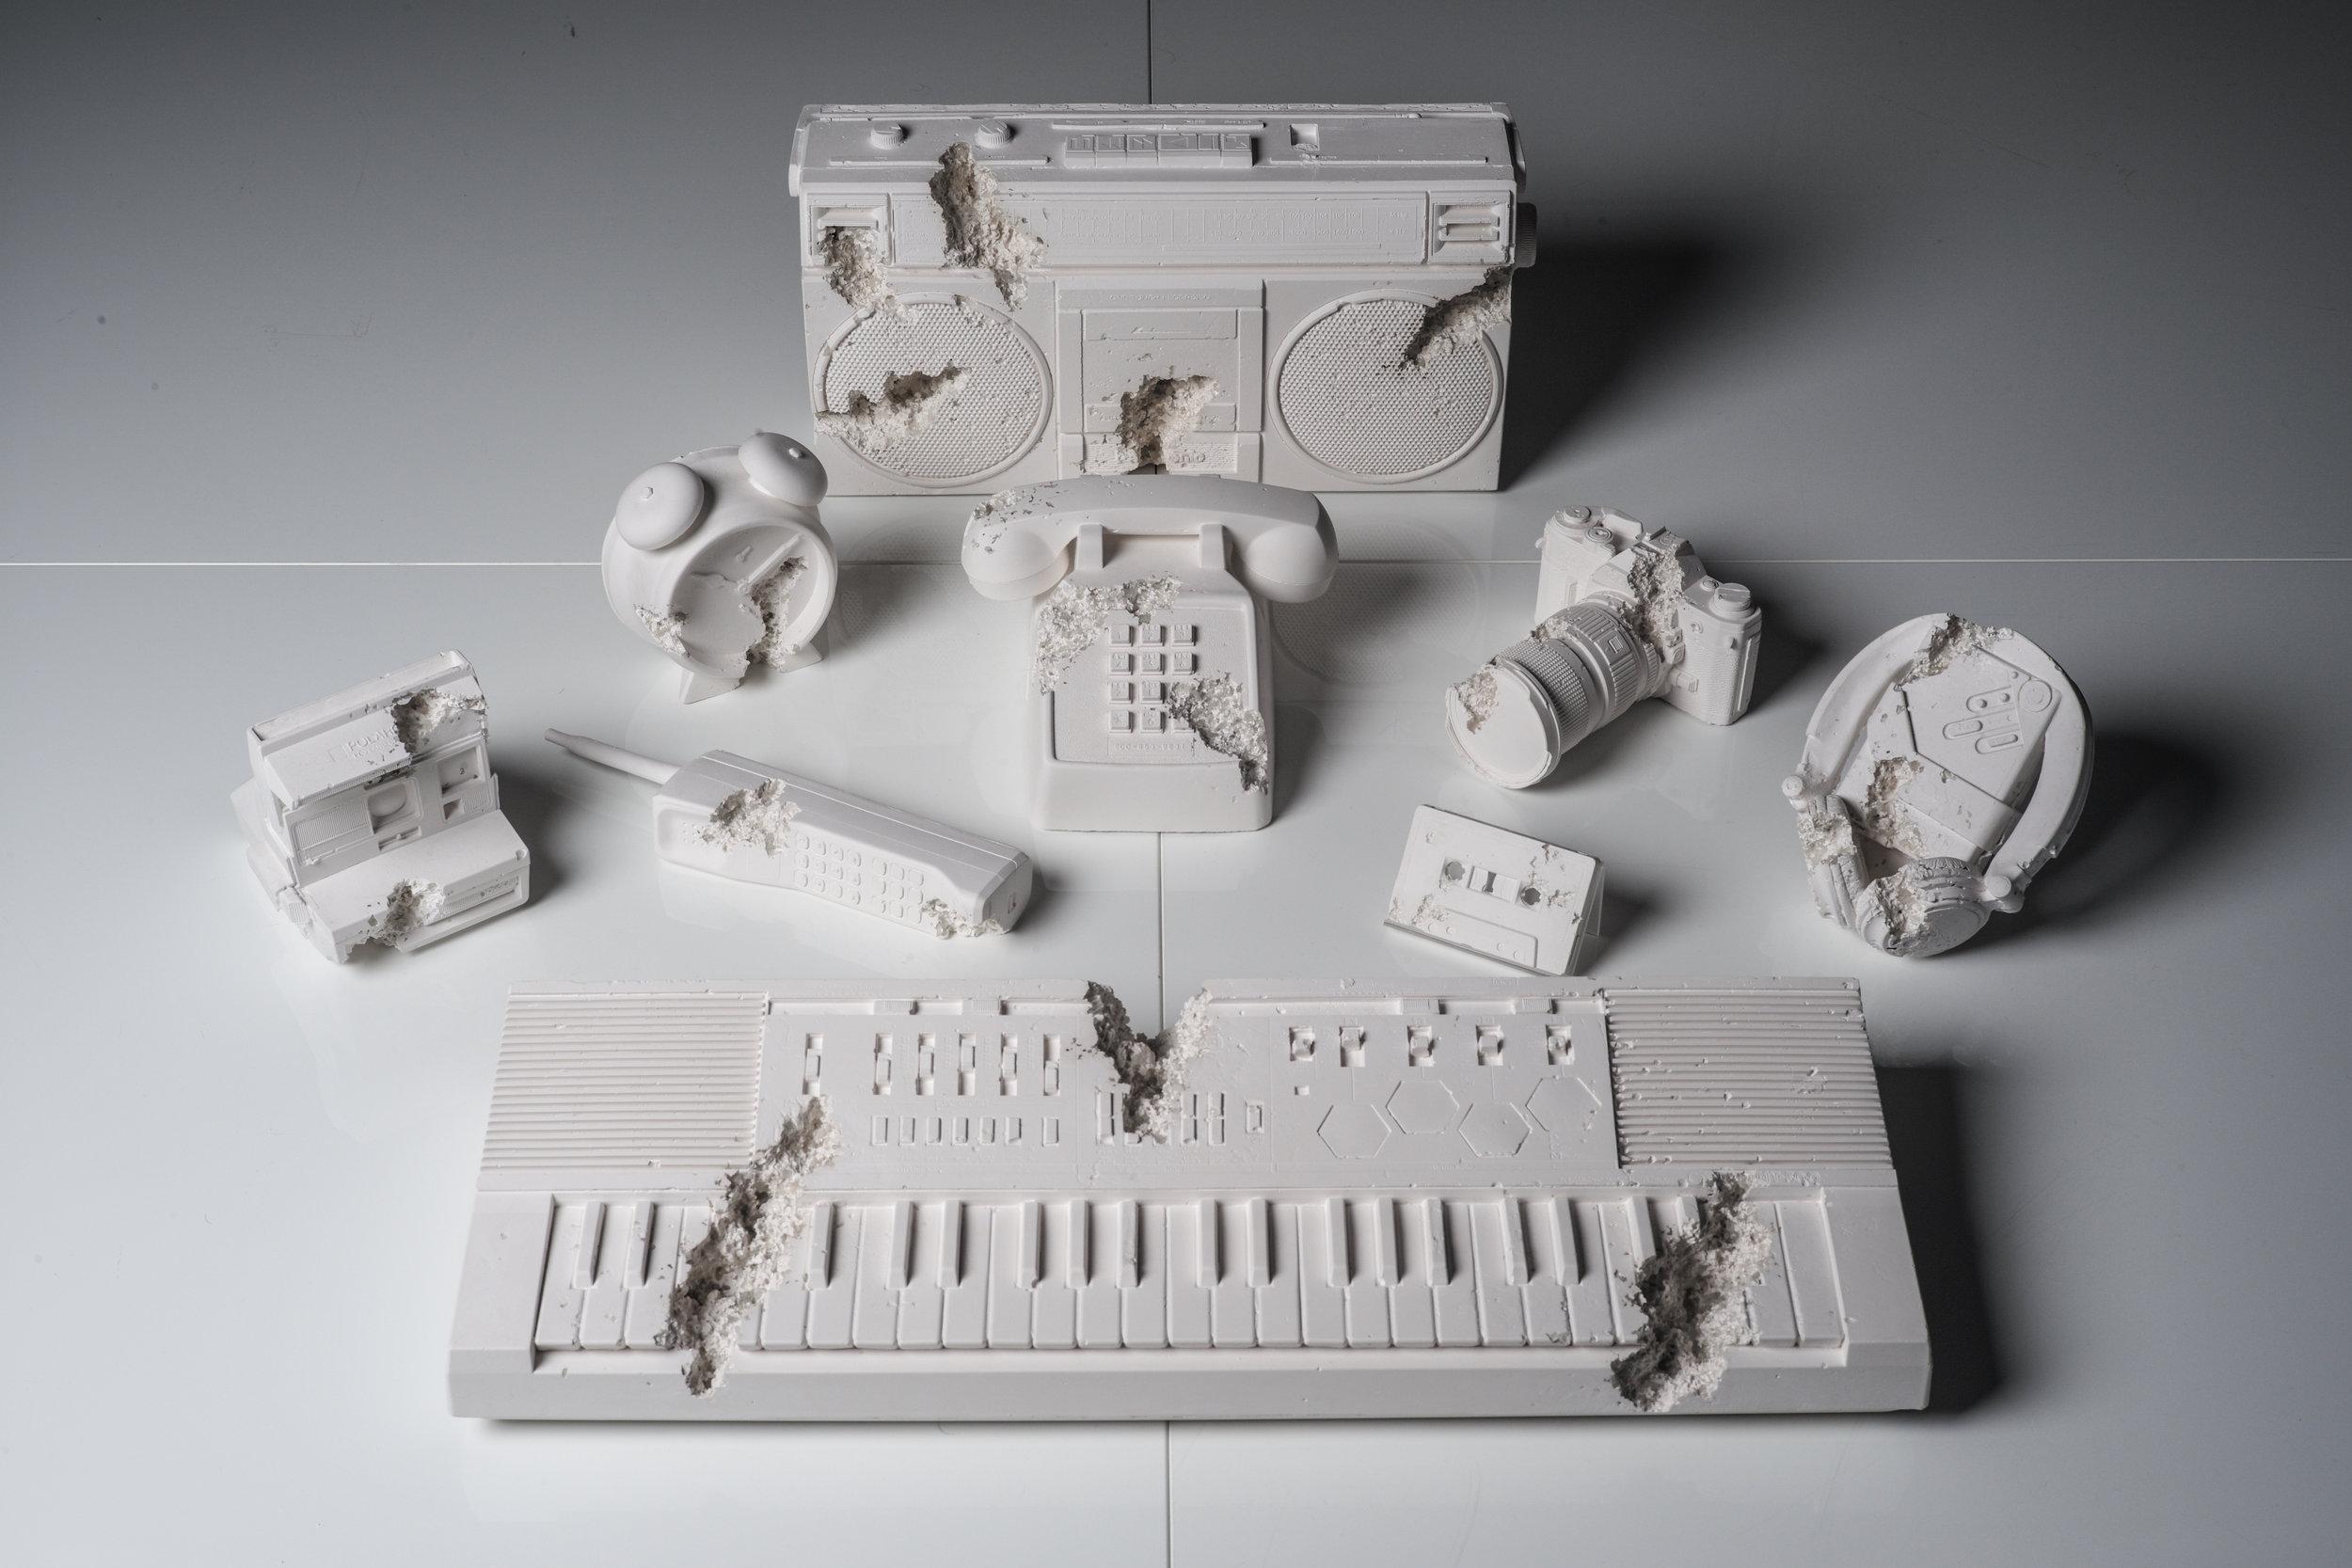 Objets fossilisés produits par Arsham Studios